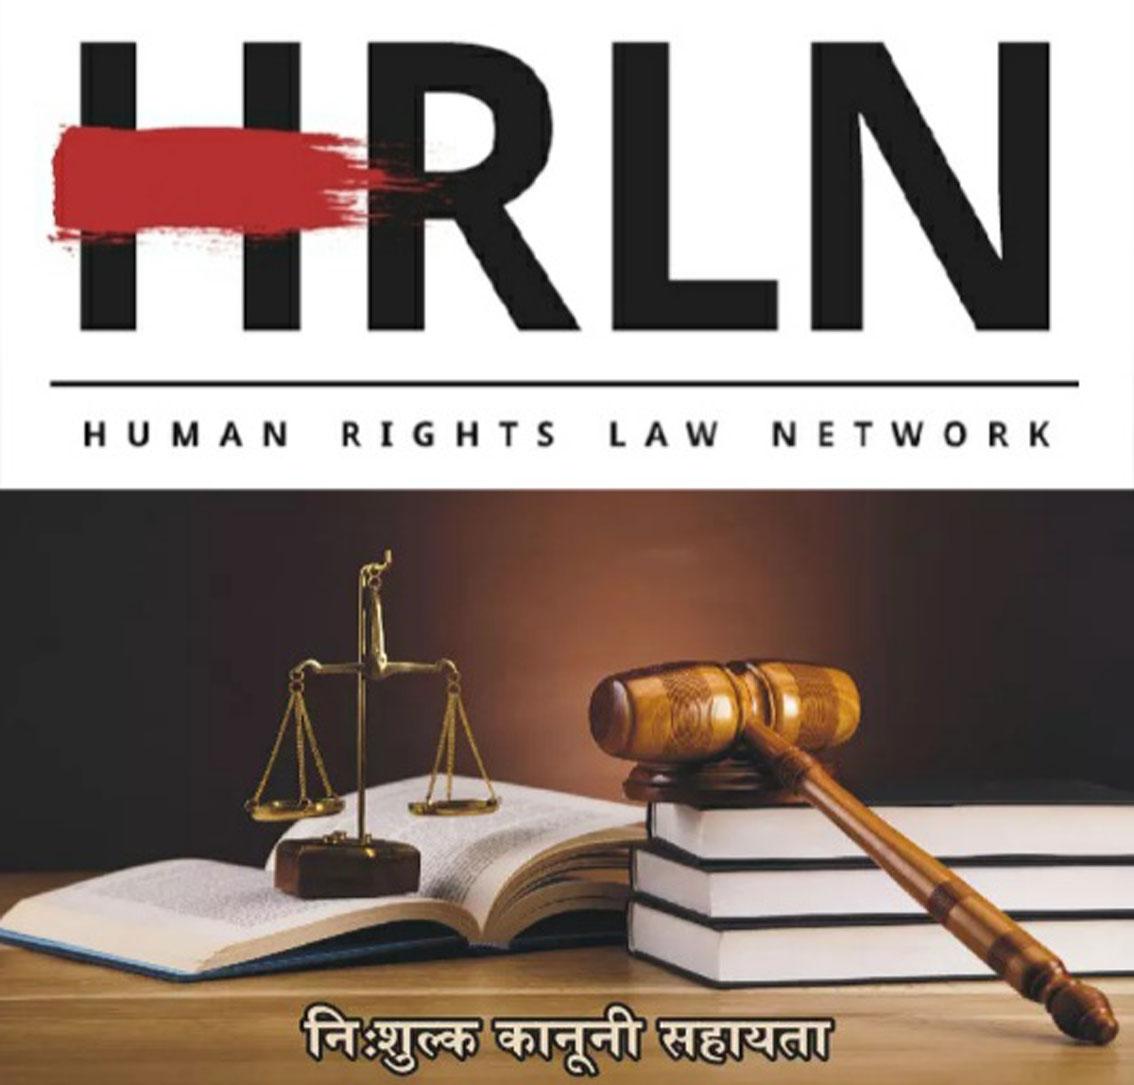 गोरखपुर में कानूनी सहायता एवं जागरूकता शिविर का आयोजन 23 जुलाई को